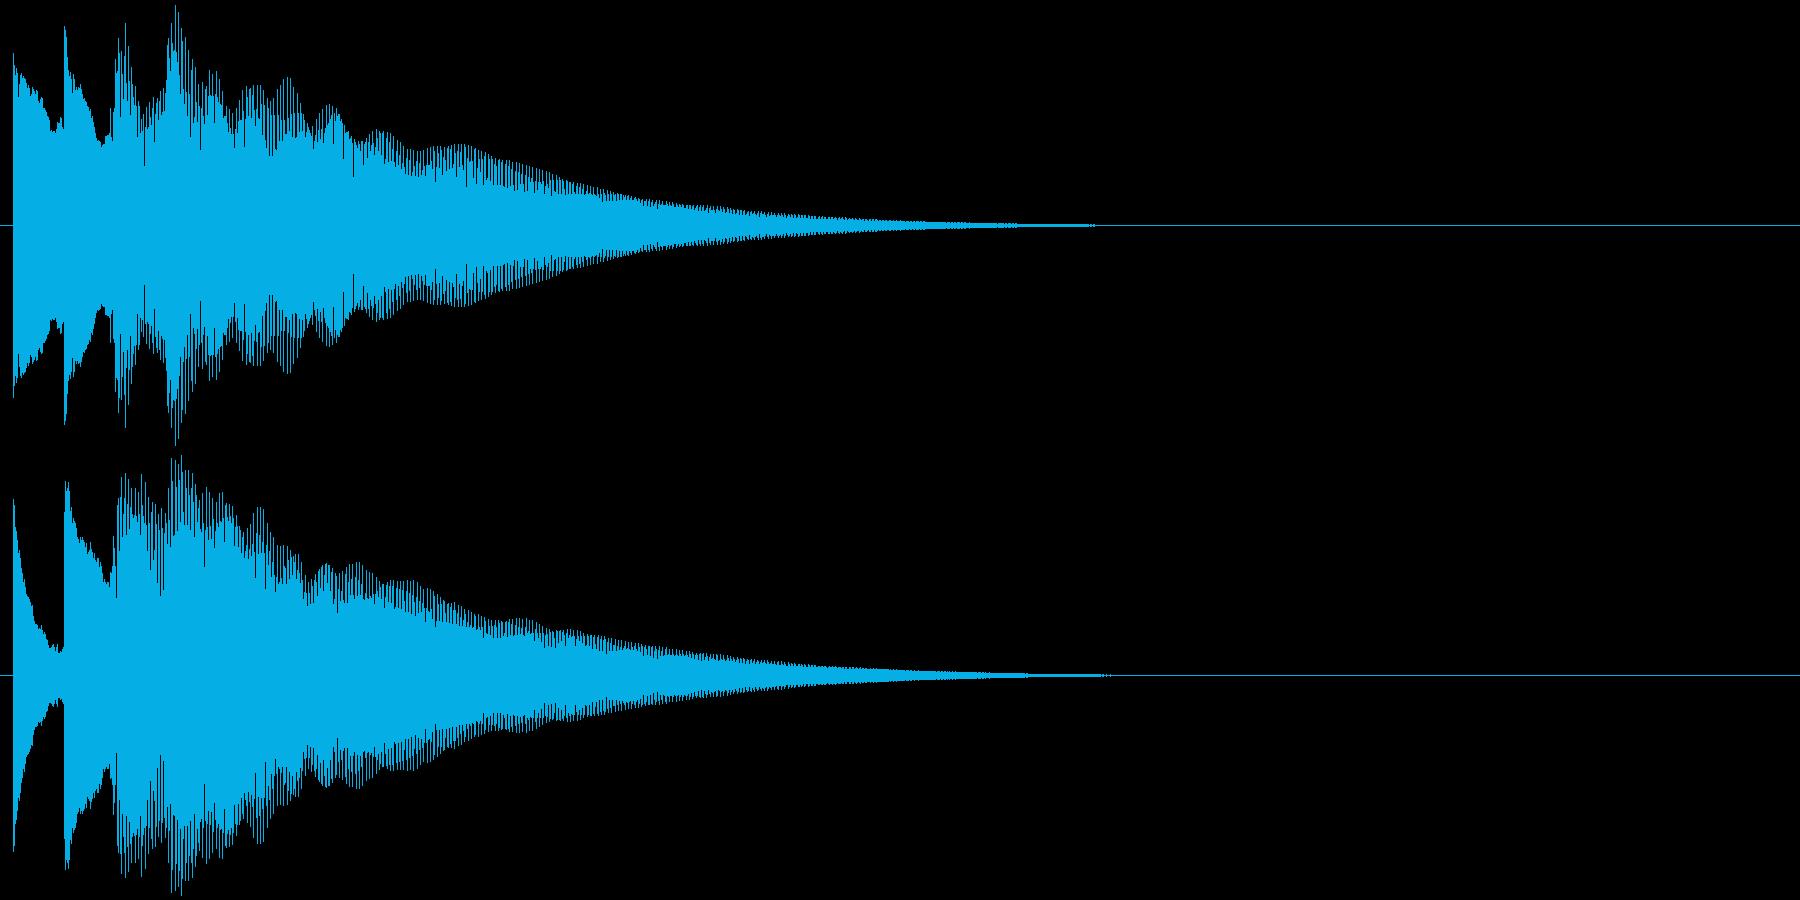 フレーズ系02 文字、スーパー表示(小)の再生済みの波形